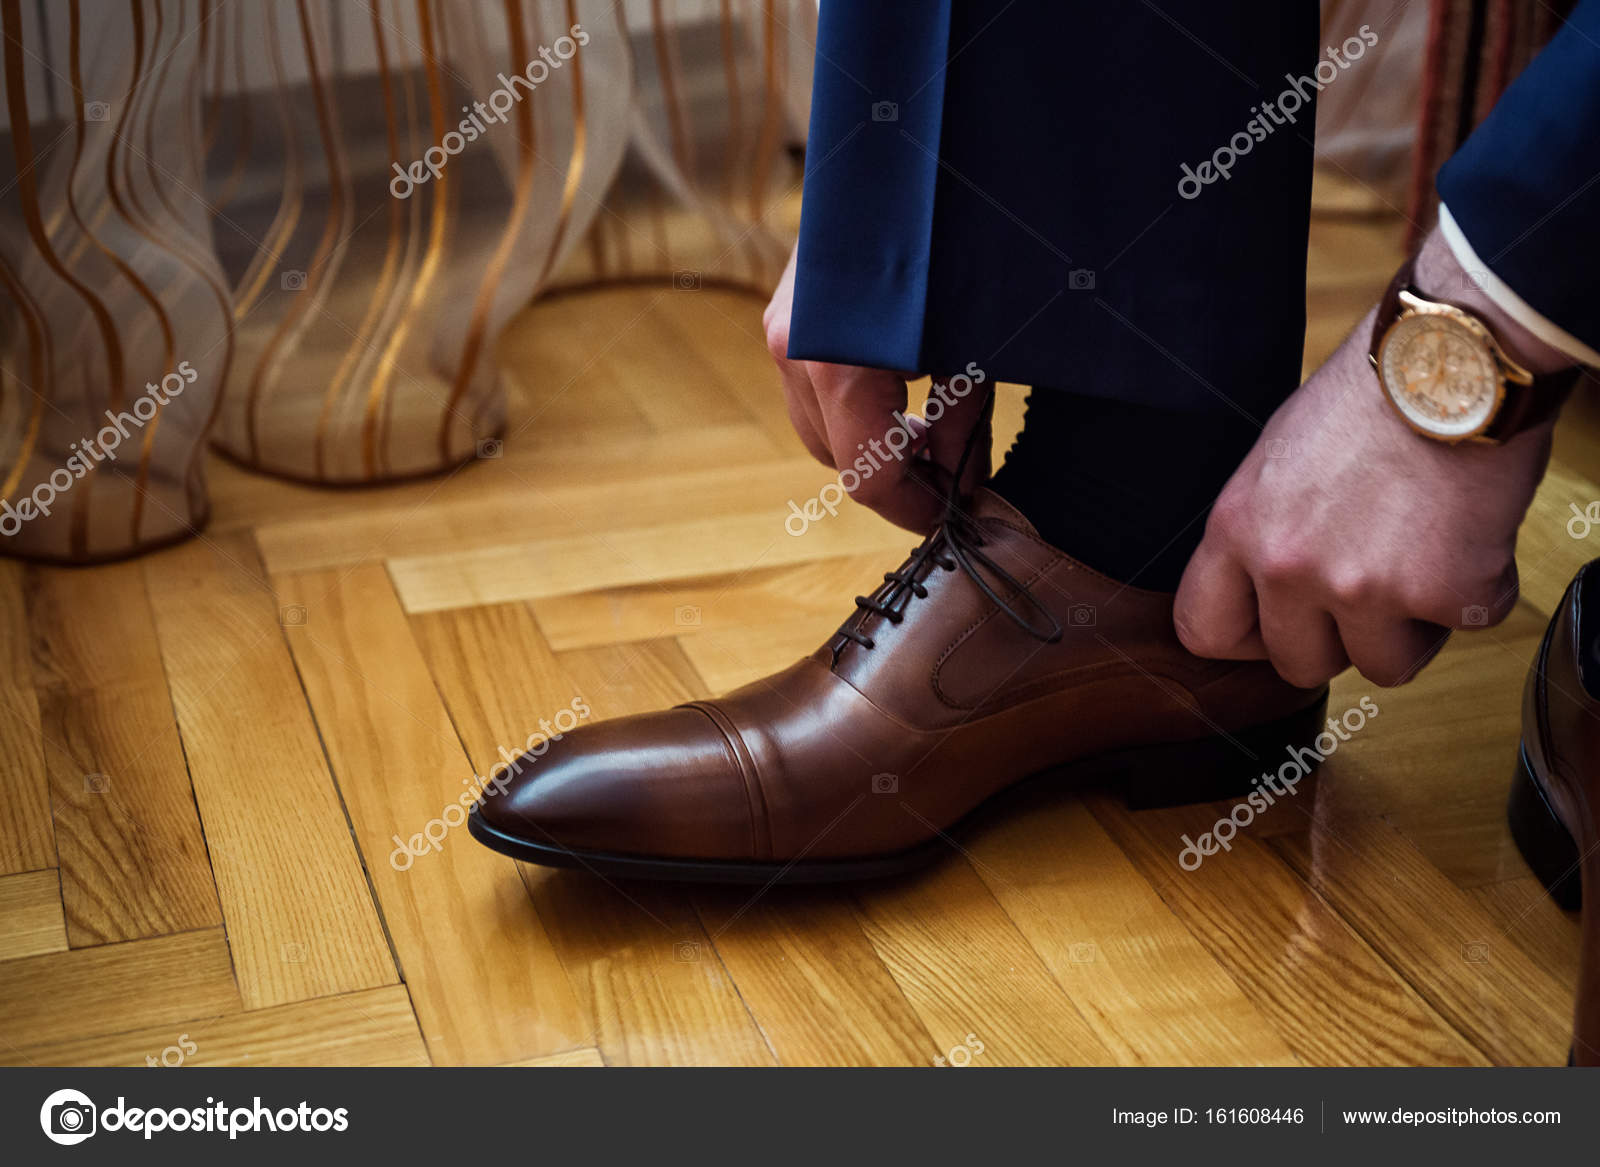 De Ropa ZapatosPolíticoEstilo Ropa Negocios Hombre Negocios ZapatosPolíticoEstilo De Hombre sdCBhtoxQr